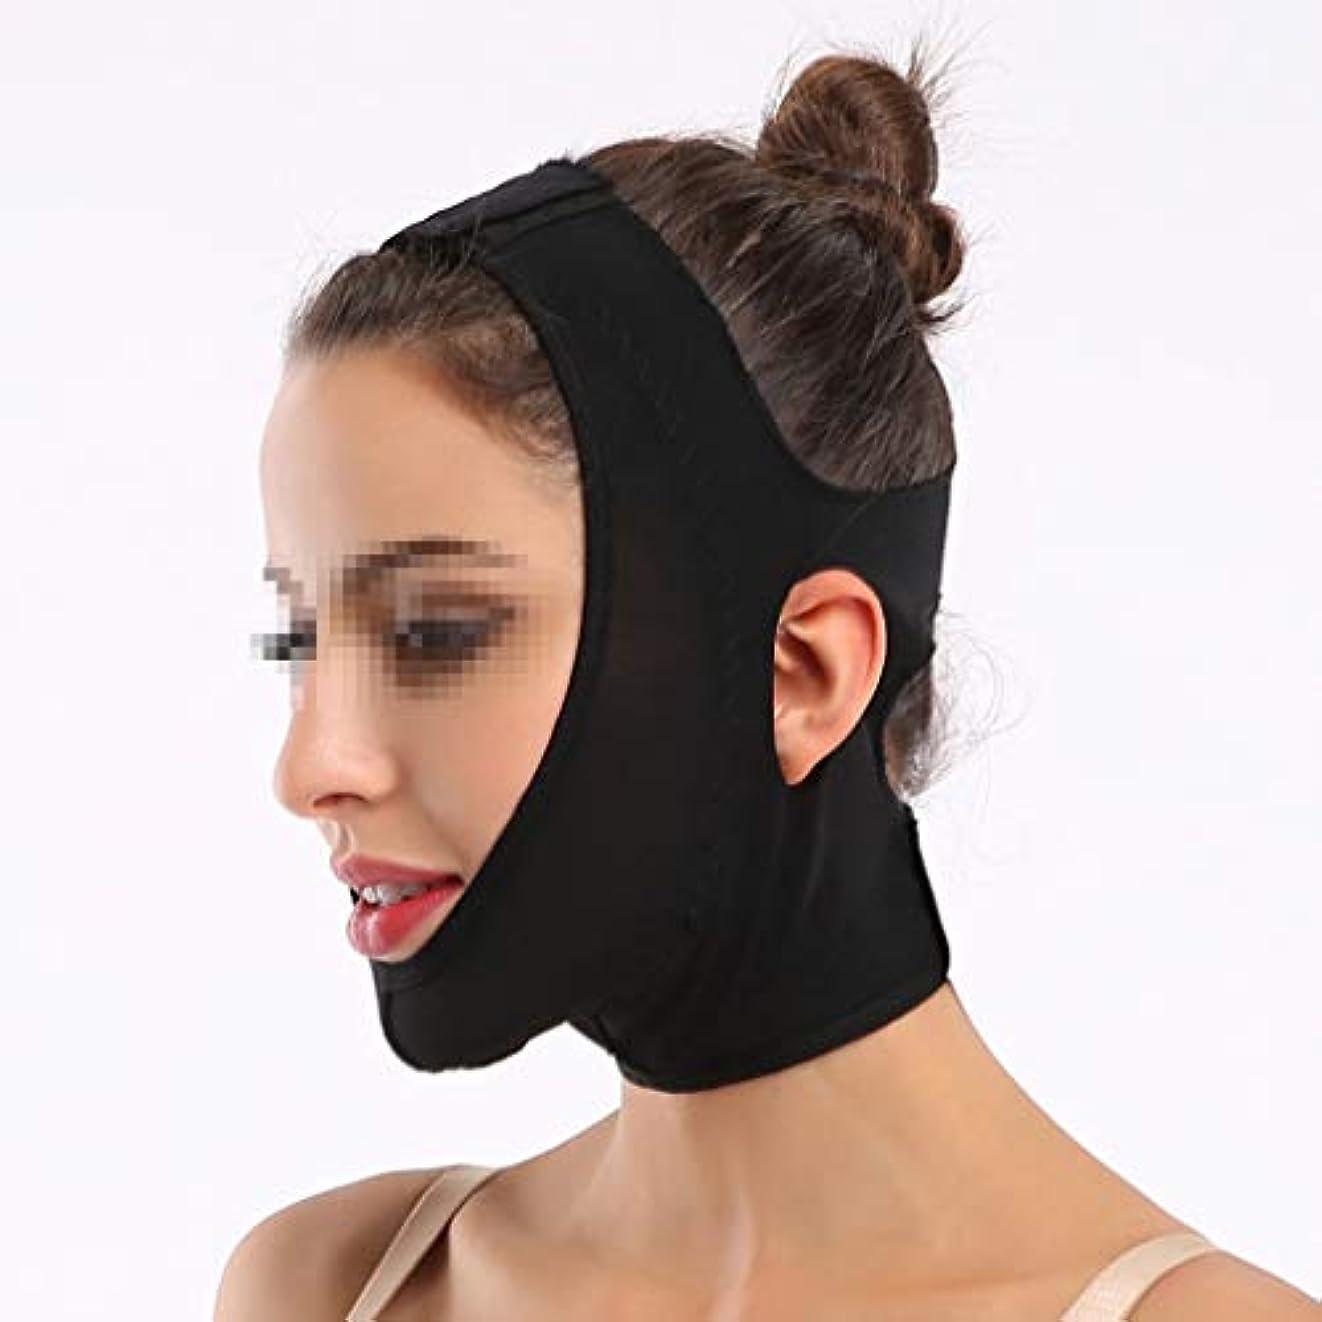 部分的に病気の和Vフェイスマスク、包帯マスクを持ち上げて引き締めるスキニービューティーサロン1日2時間Vフェイスマッサージ術後回復